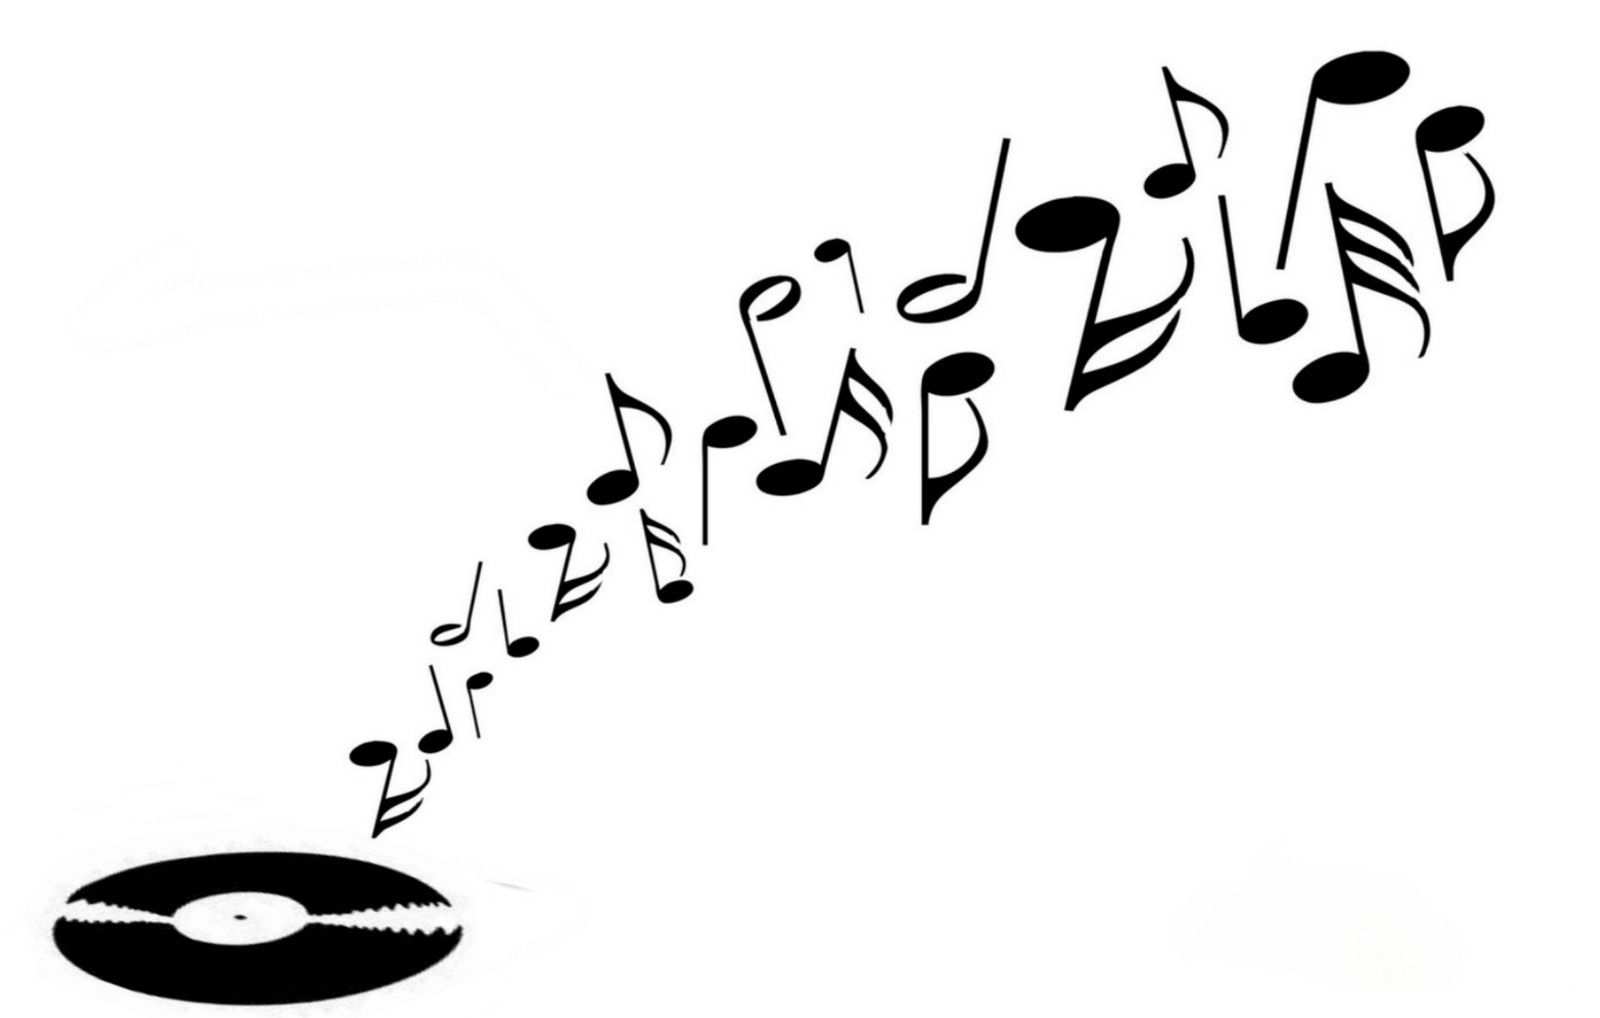 Music Record stencil